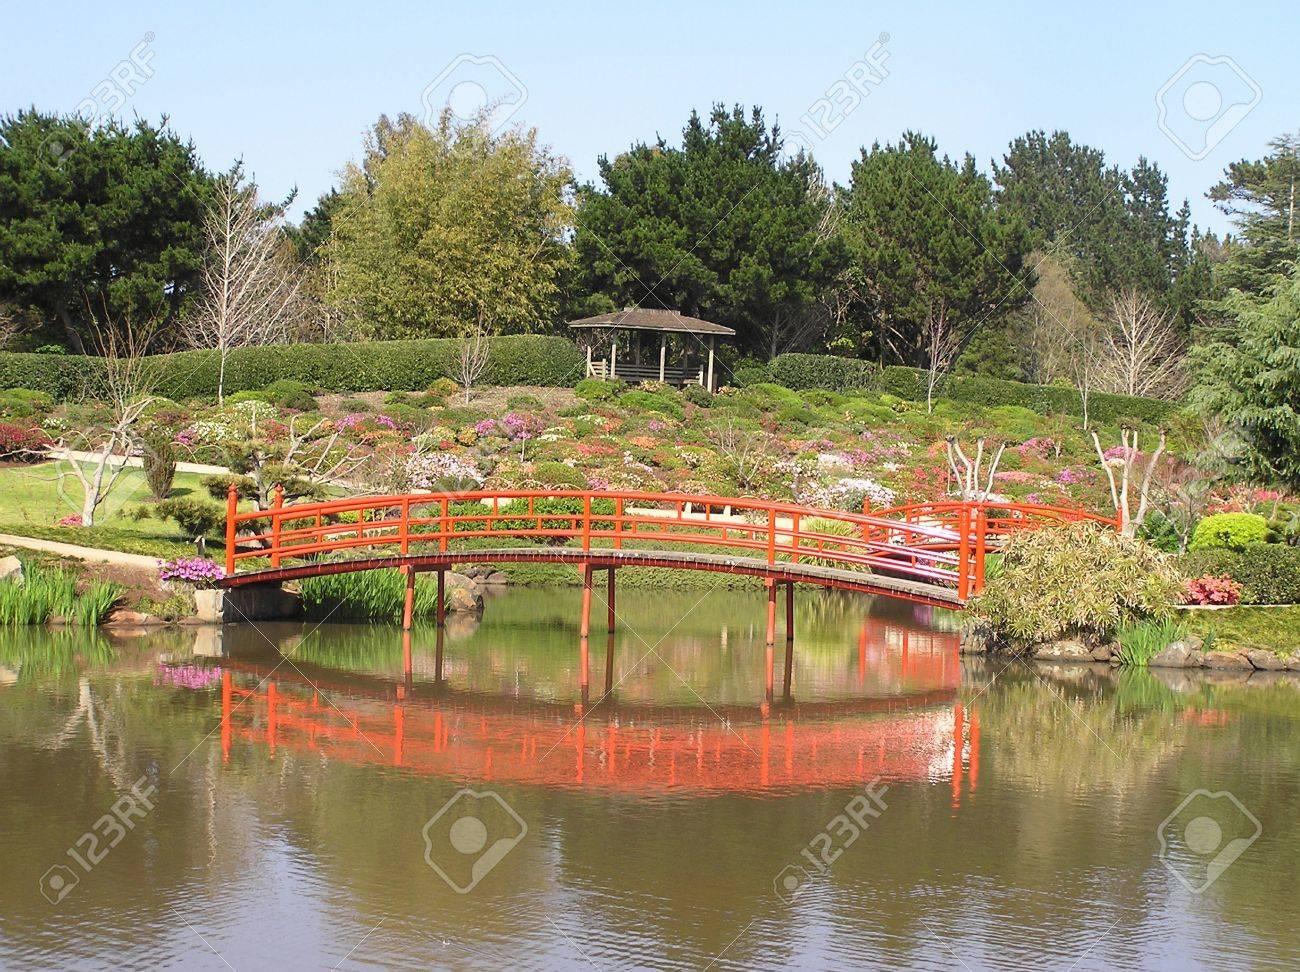 Lakes near toowoomba